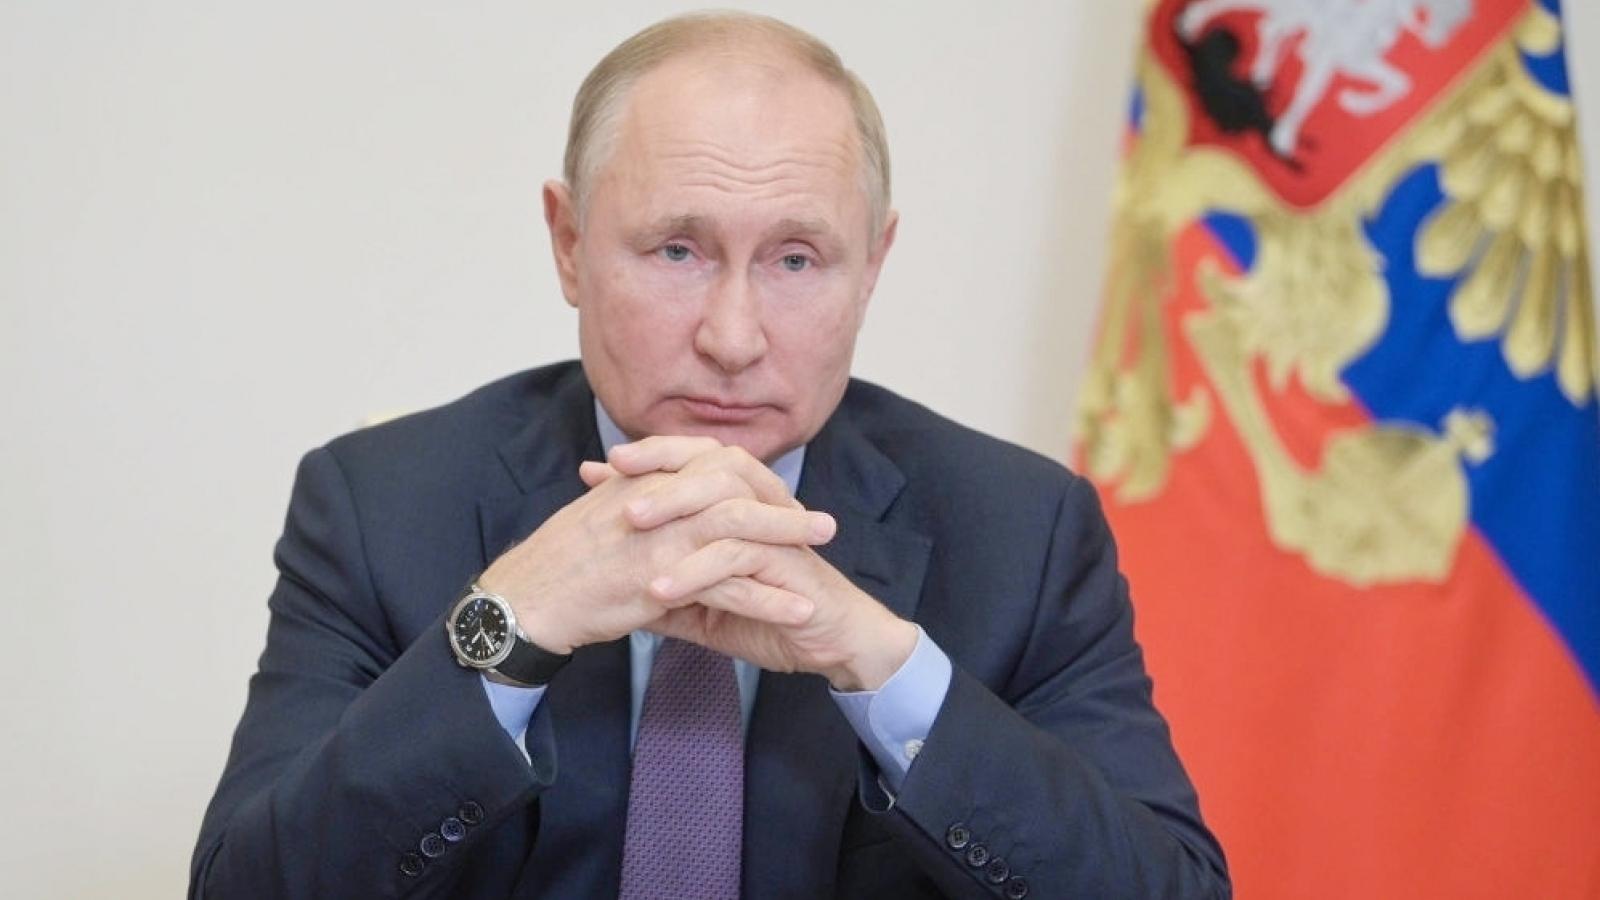 Tổng thống Nga V.Putin kêu gọi người dân đi bầu đại biểu Duma Quốc gia